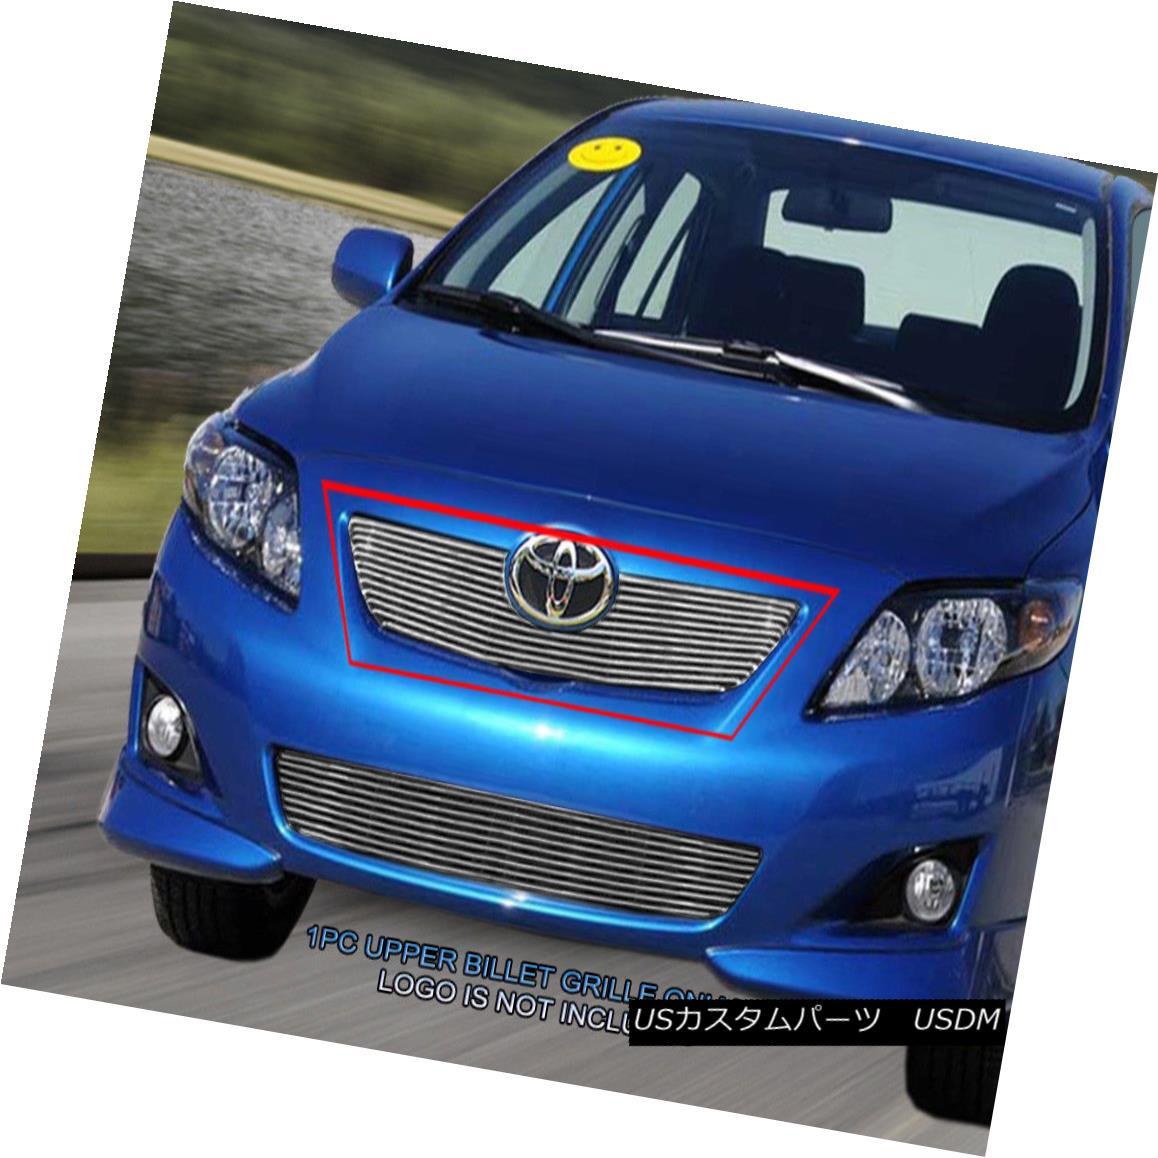 グリル 09-10 Toyota Corolla Billet Grille Grill Upper Insert Fedar 09-10トヨタカローラビレットグリルグリルアッパーインサートフェルダー